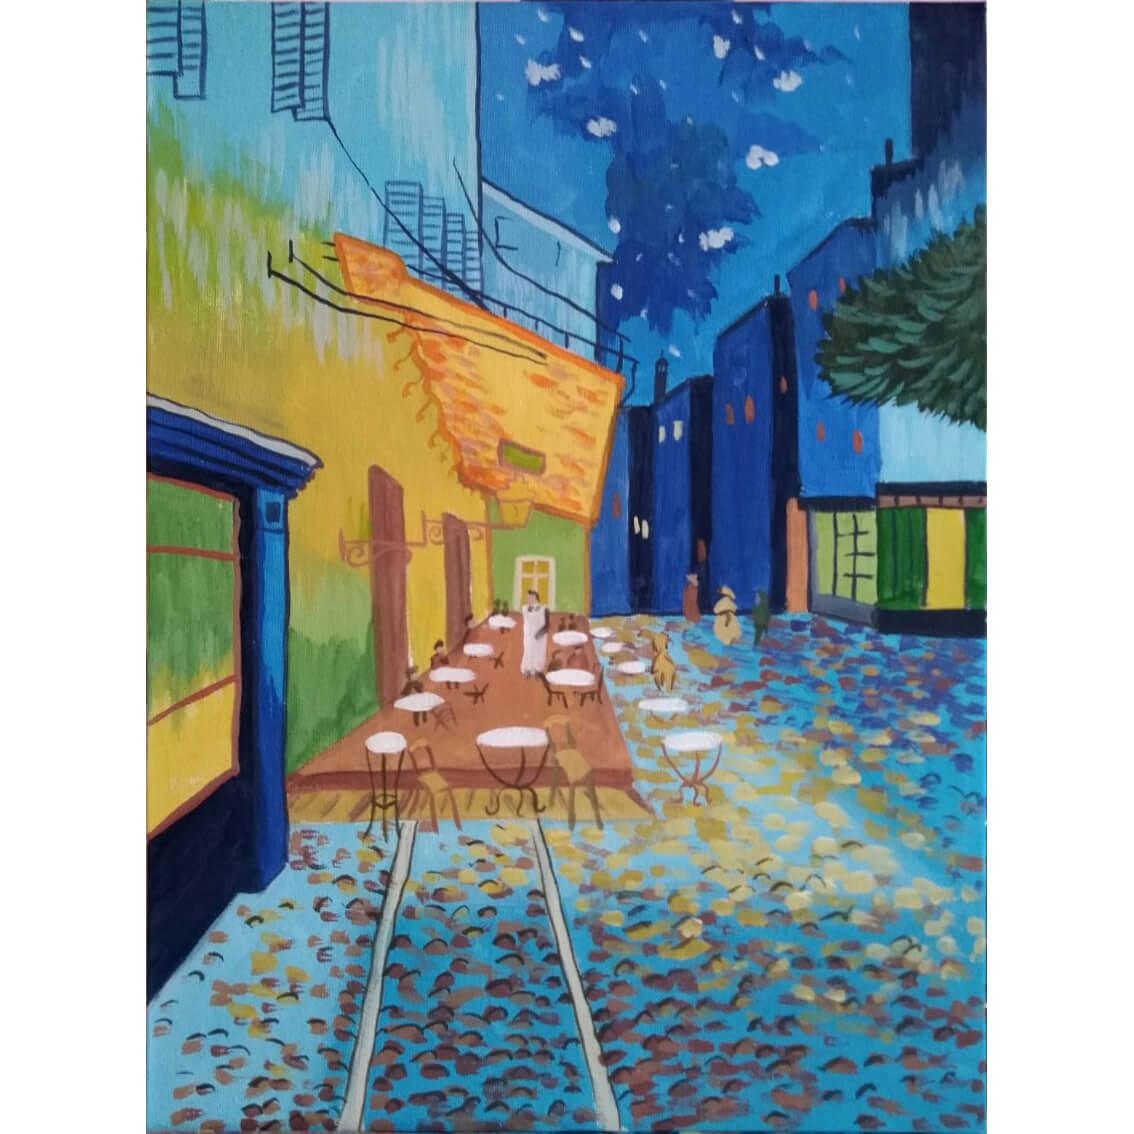 """Вино, забавление и рисуване с акрил """"Тераса кафе през нощта"""" Винсент ван Гог 27.03.21 г."""